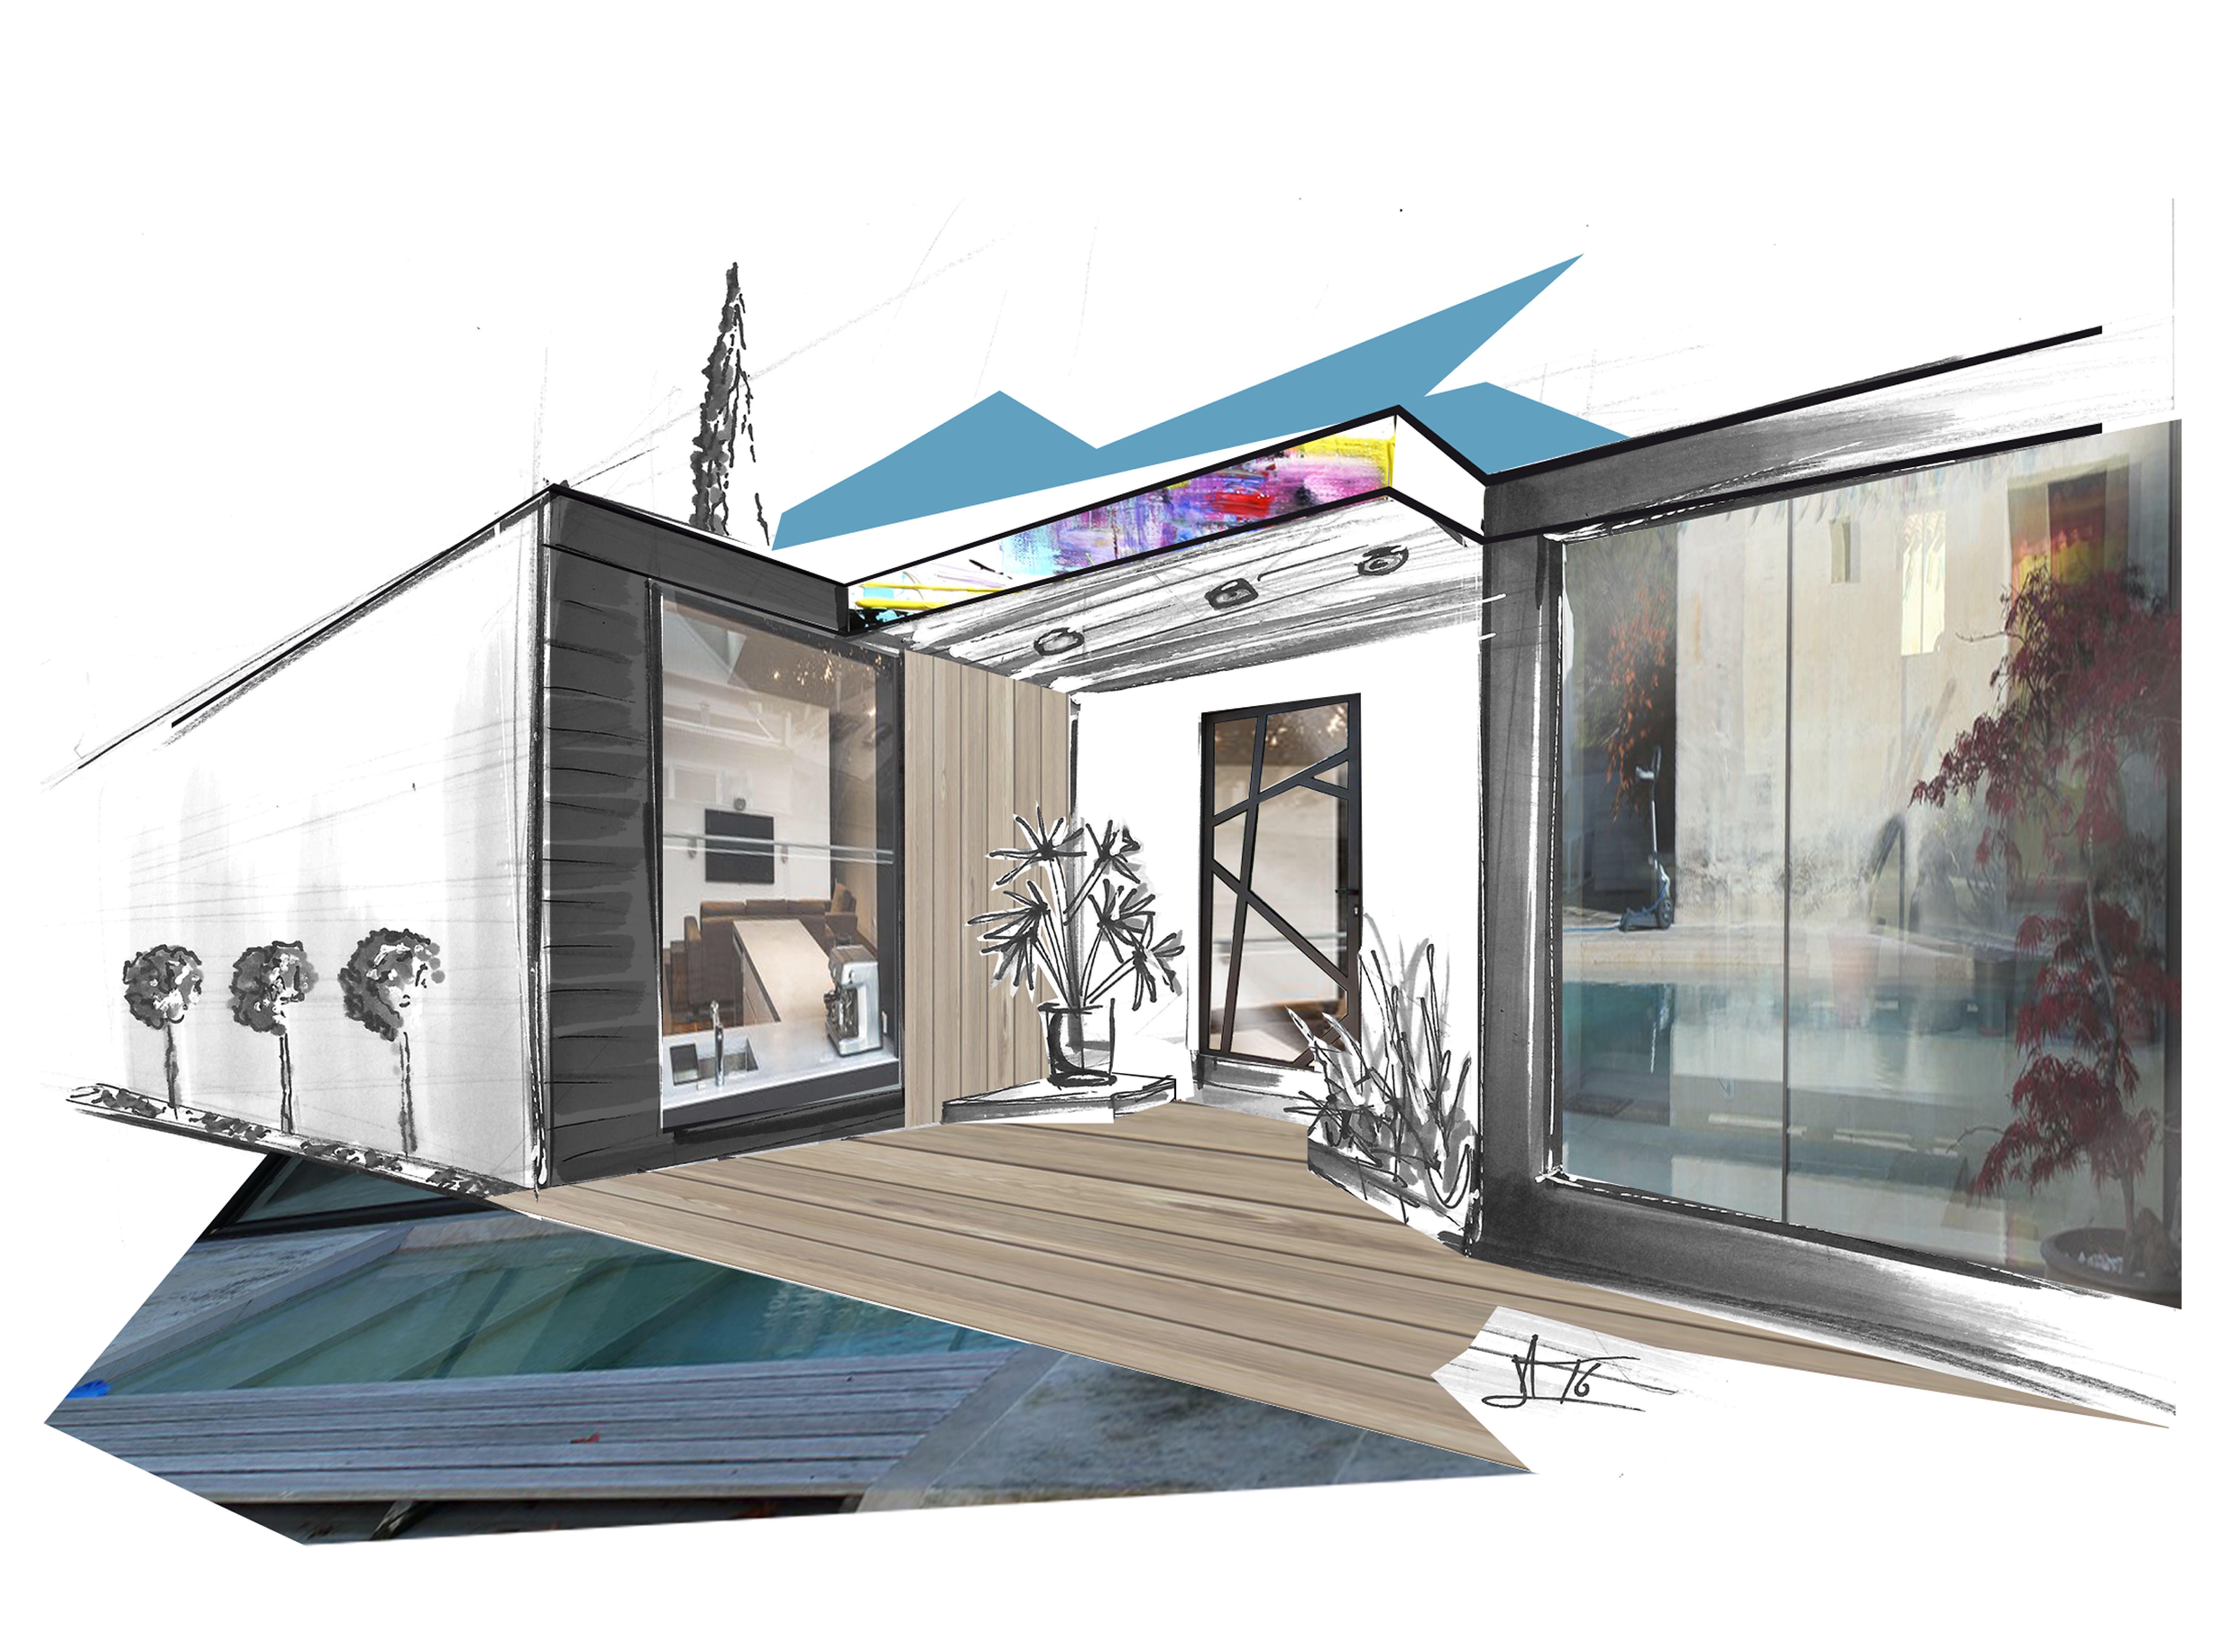 Dessin perspective croquis paysage artiste alexandre for Dessin architecte interieur